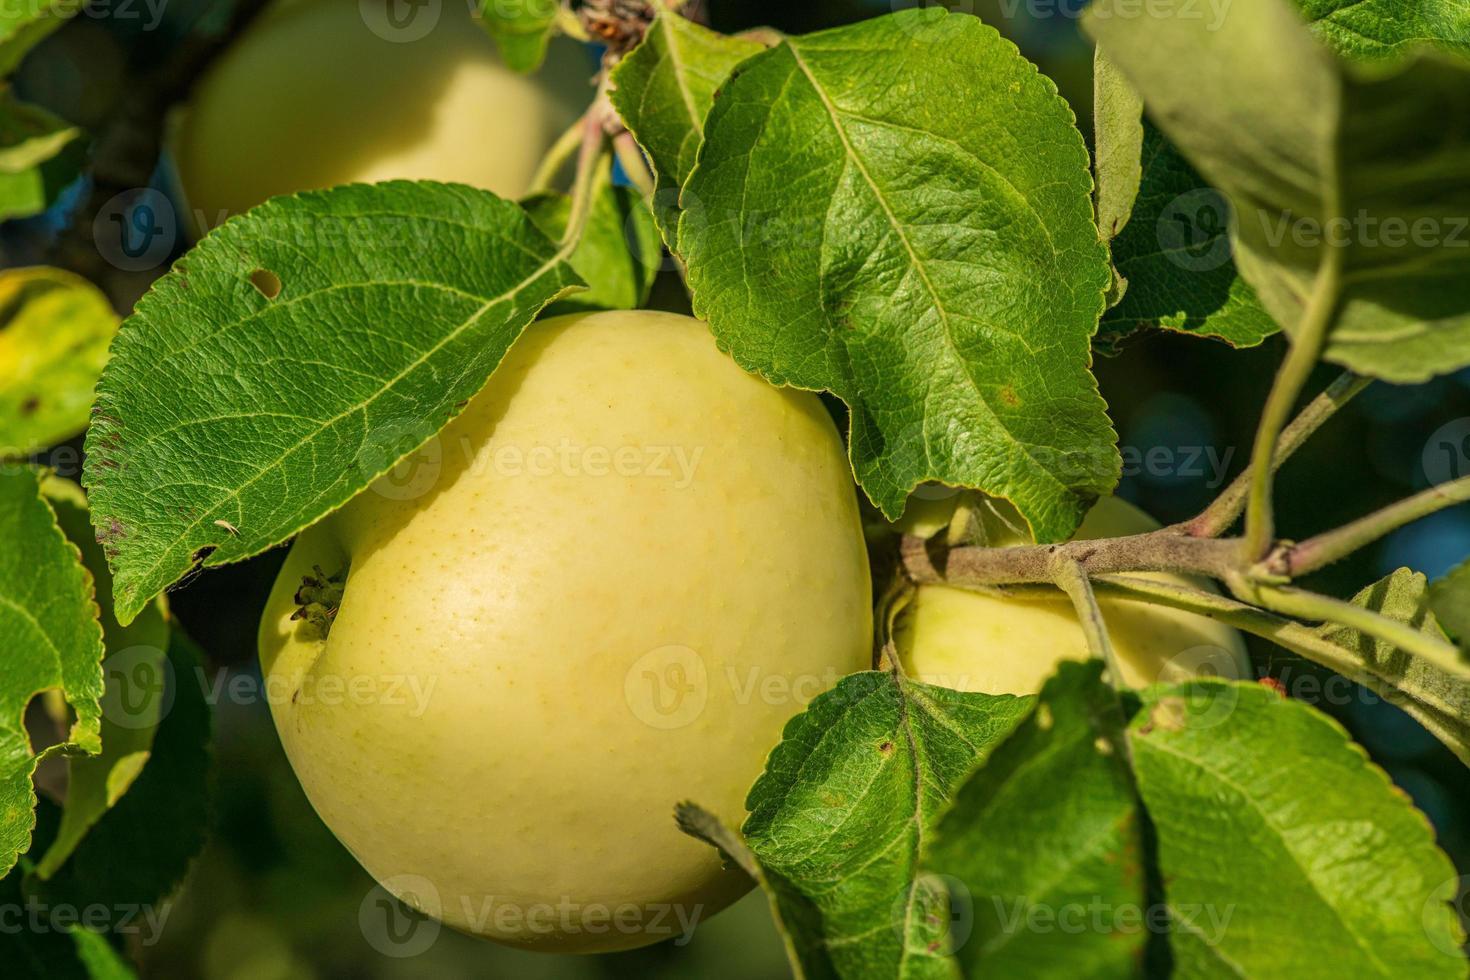 Cerca de una manzana amarilla que crece en un árbol foto